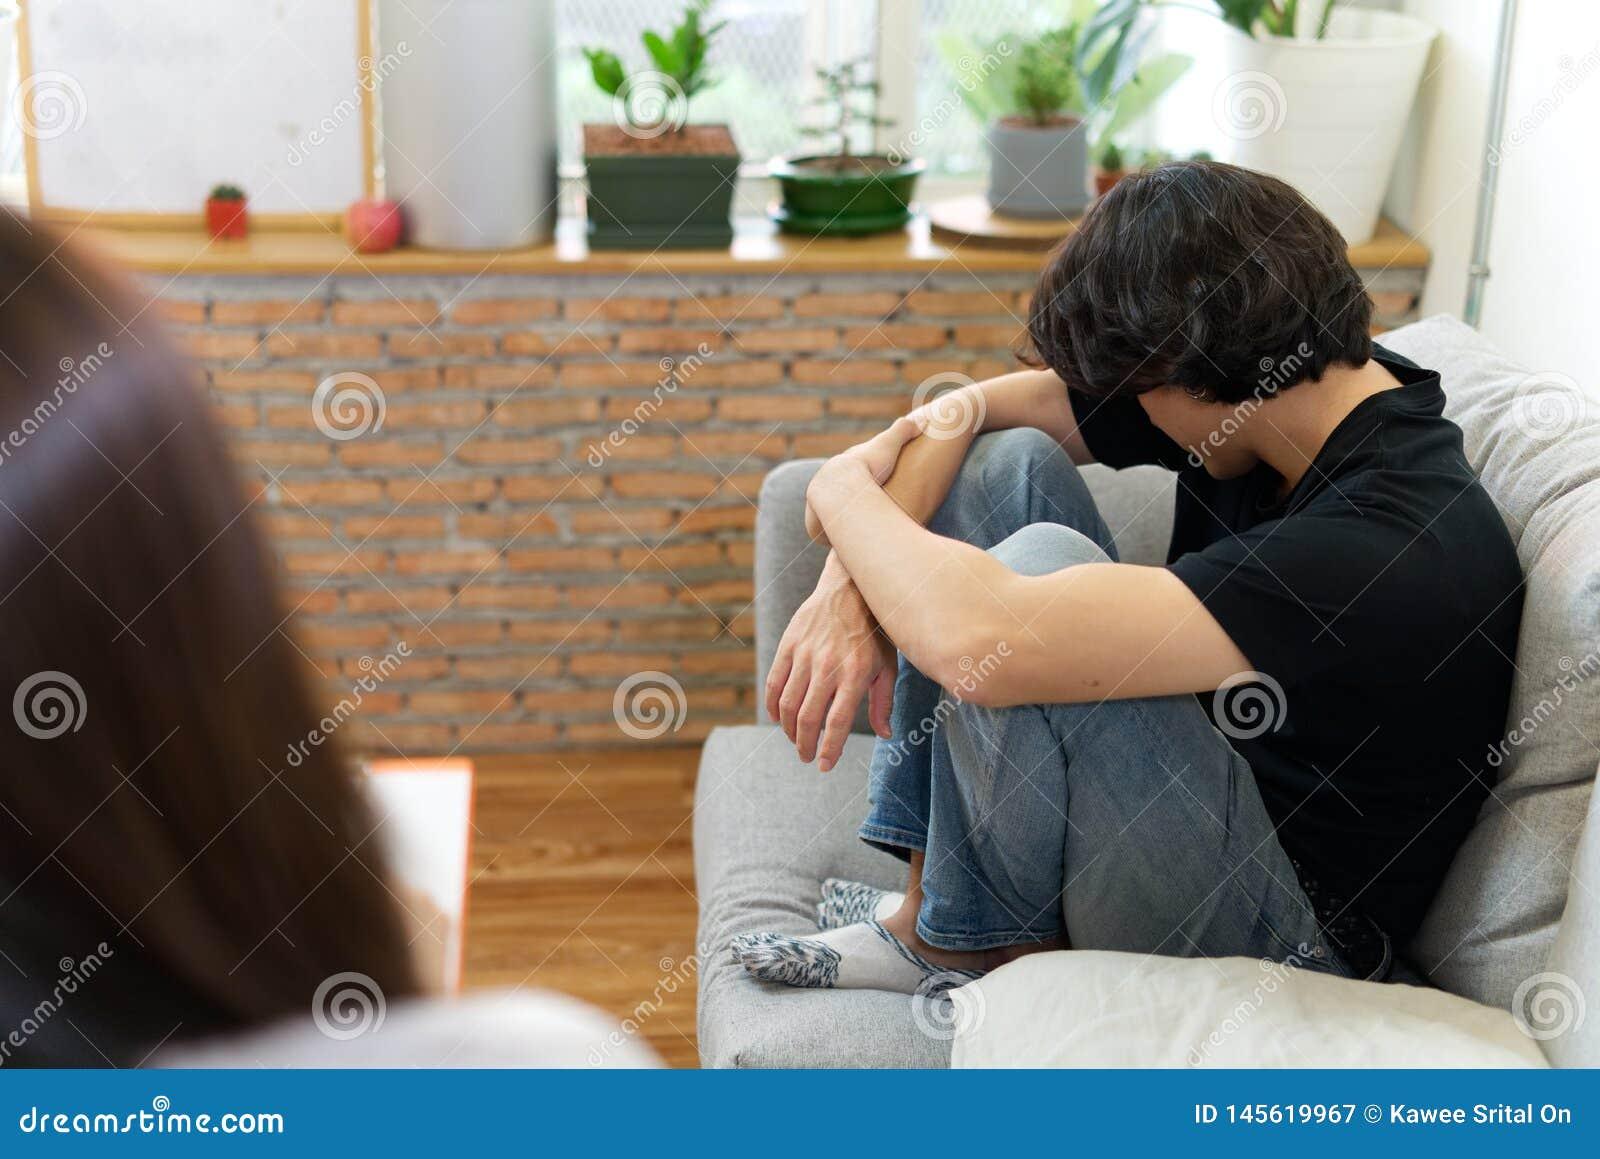 Paciente masculino joven que se sienta en el sof? con la cara triste que consulta con el psic?logo